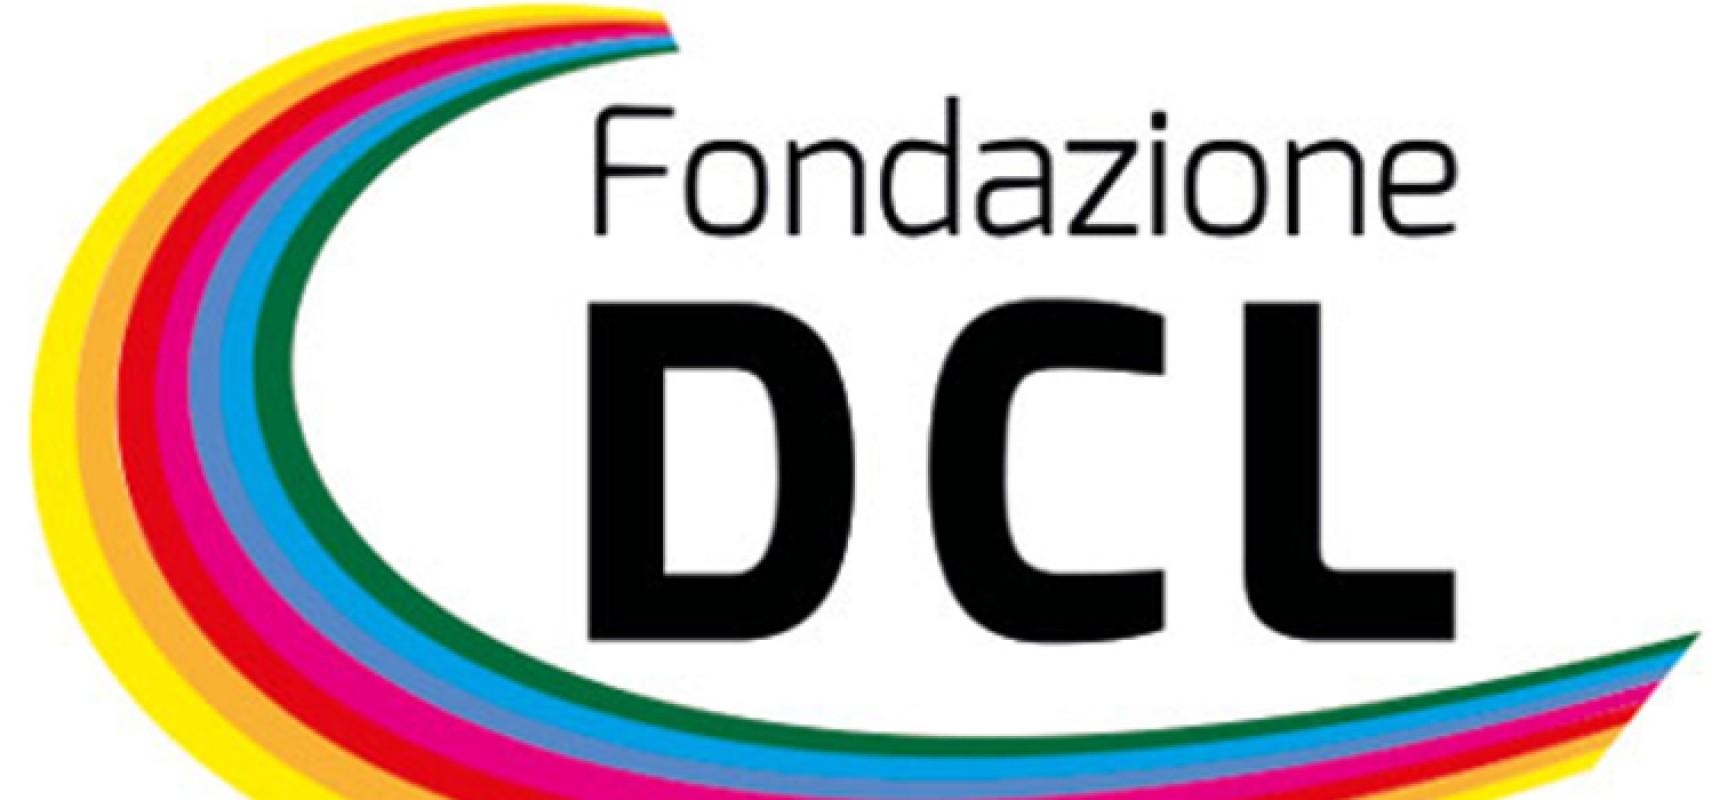 La Fondazione Dcl alla Camera di Commercio di Bari con una conferenza sulla crisi di liquidità